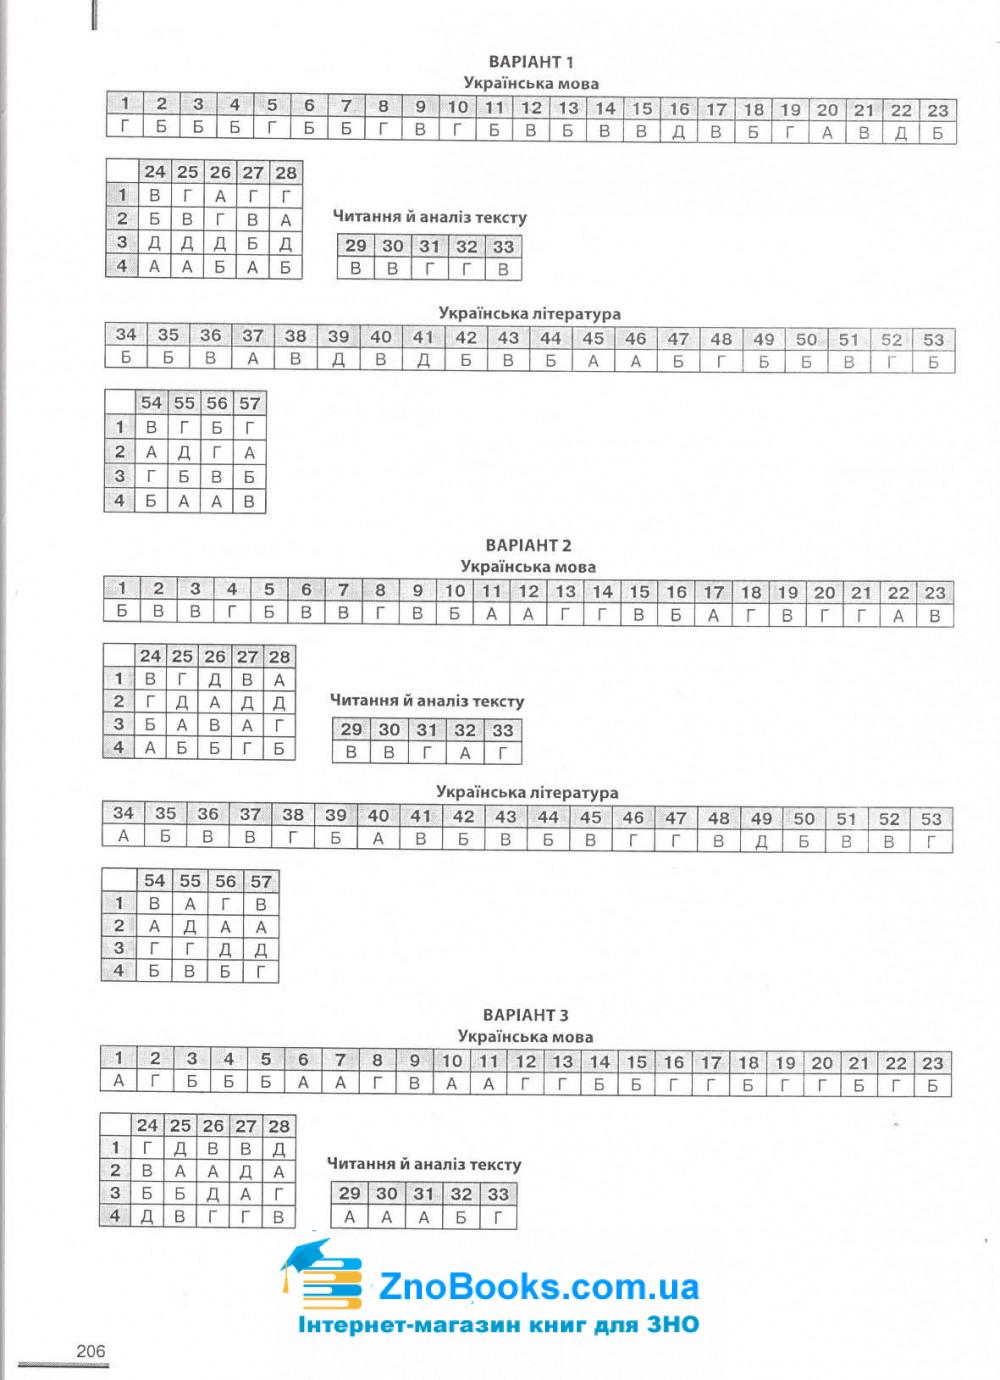 ЗНО 2020 Українська мова та література. Збірник завдань 20 варіантів: Куриліна О. Абетка 8